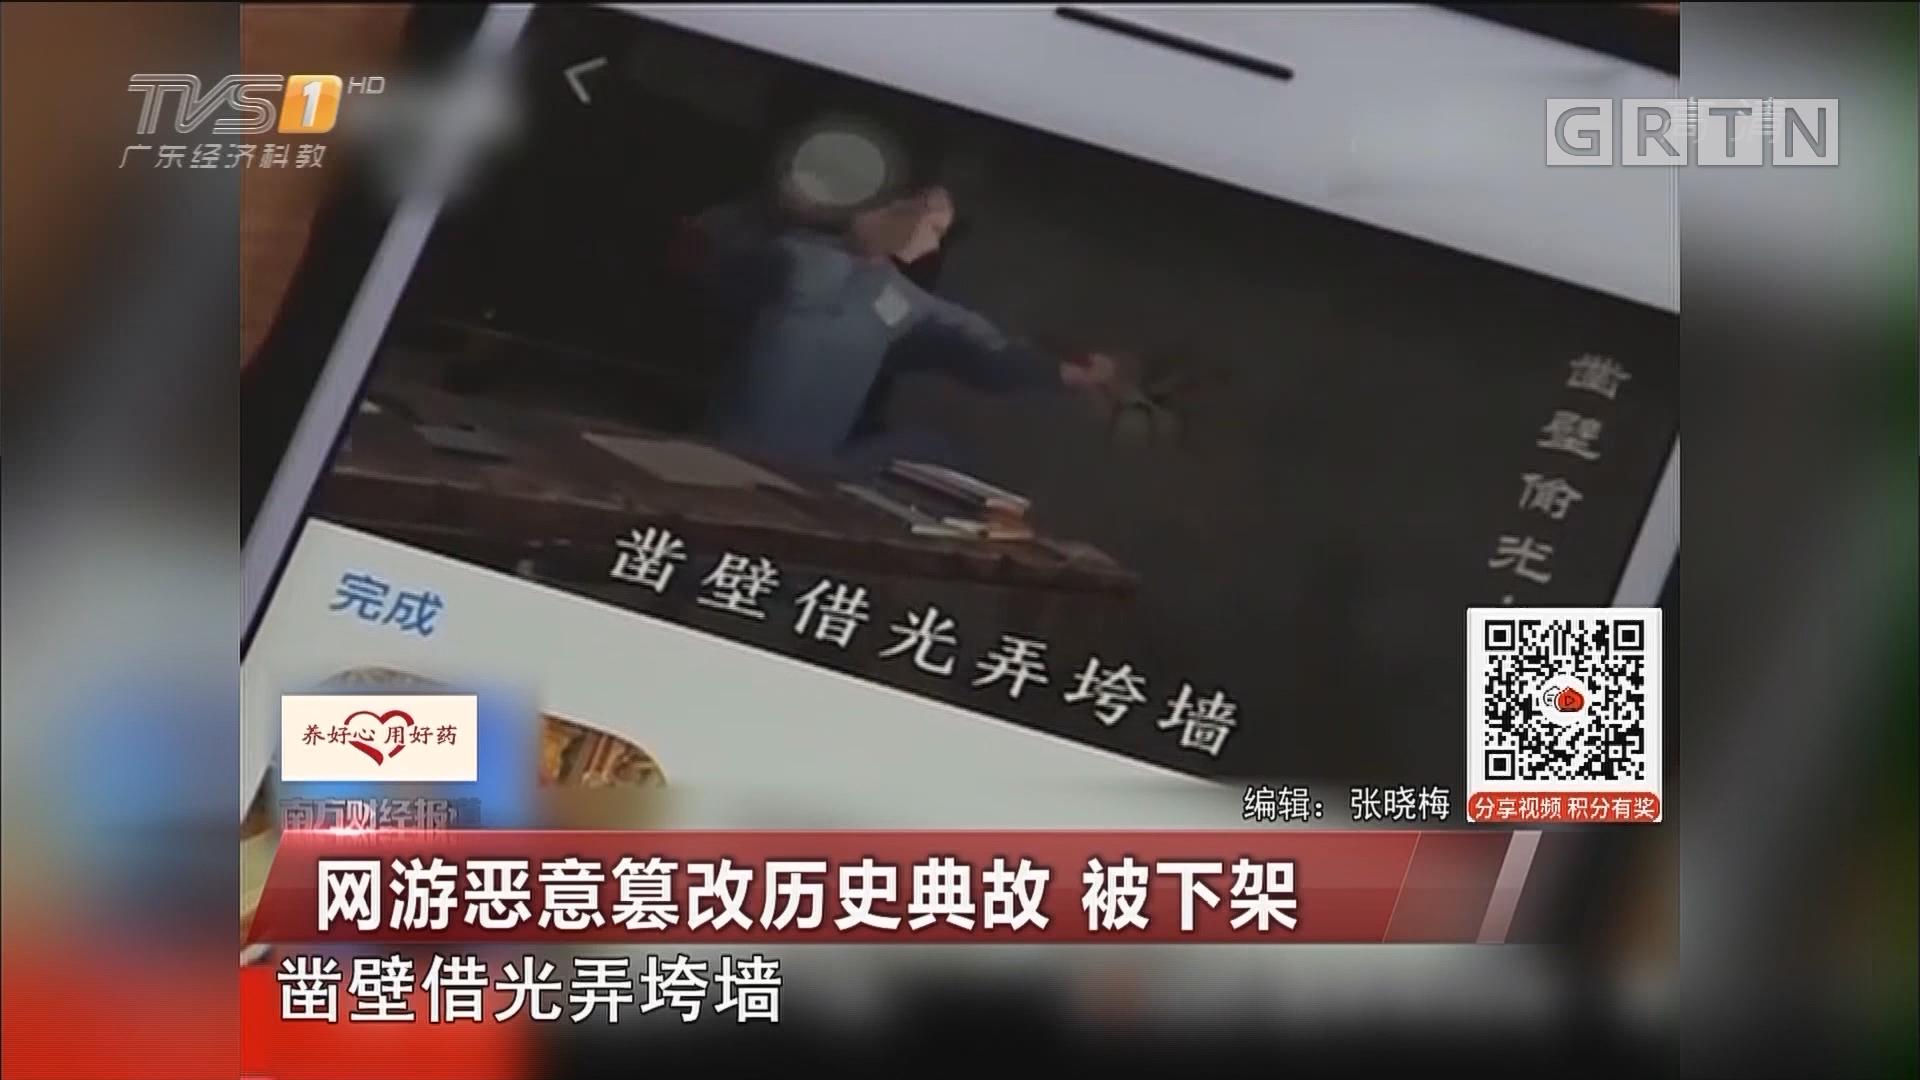 网游恶意篡改历史典故 被下架